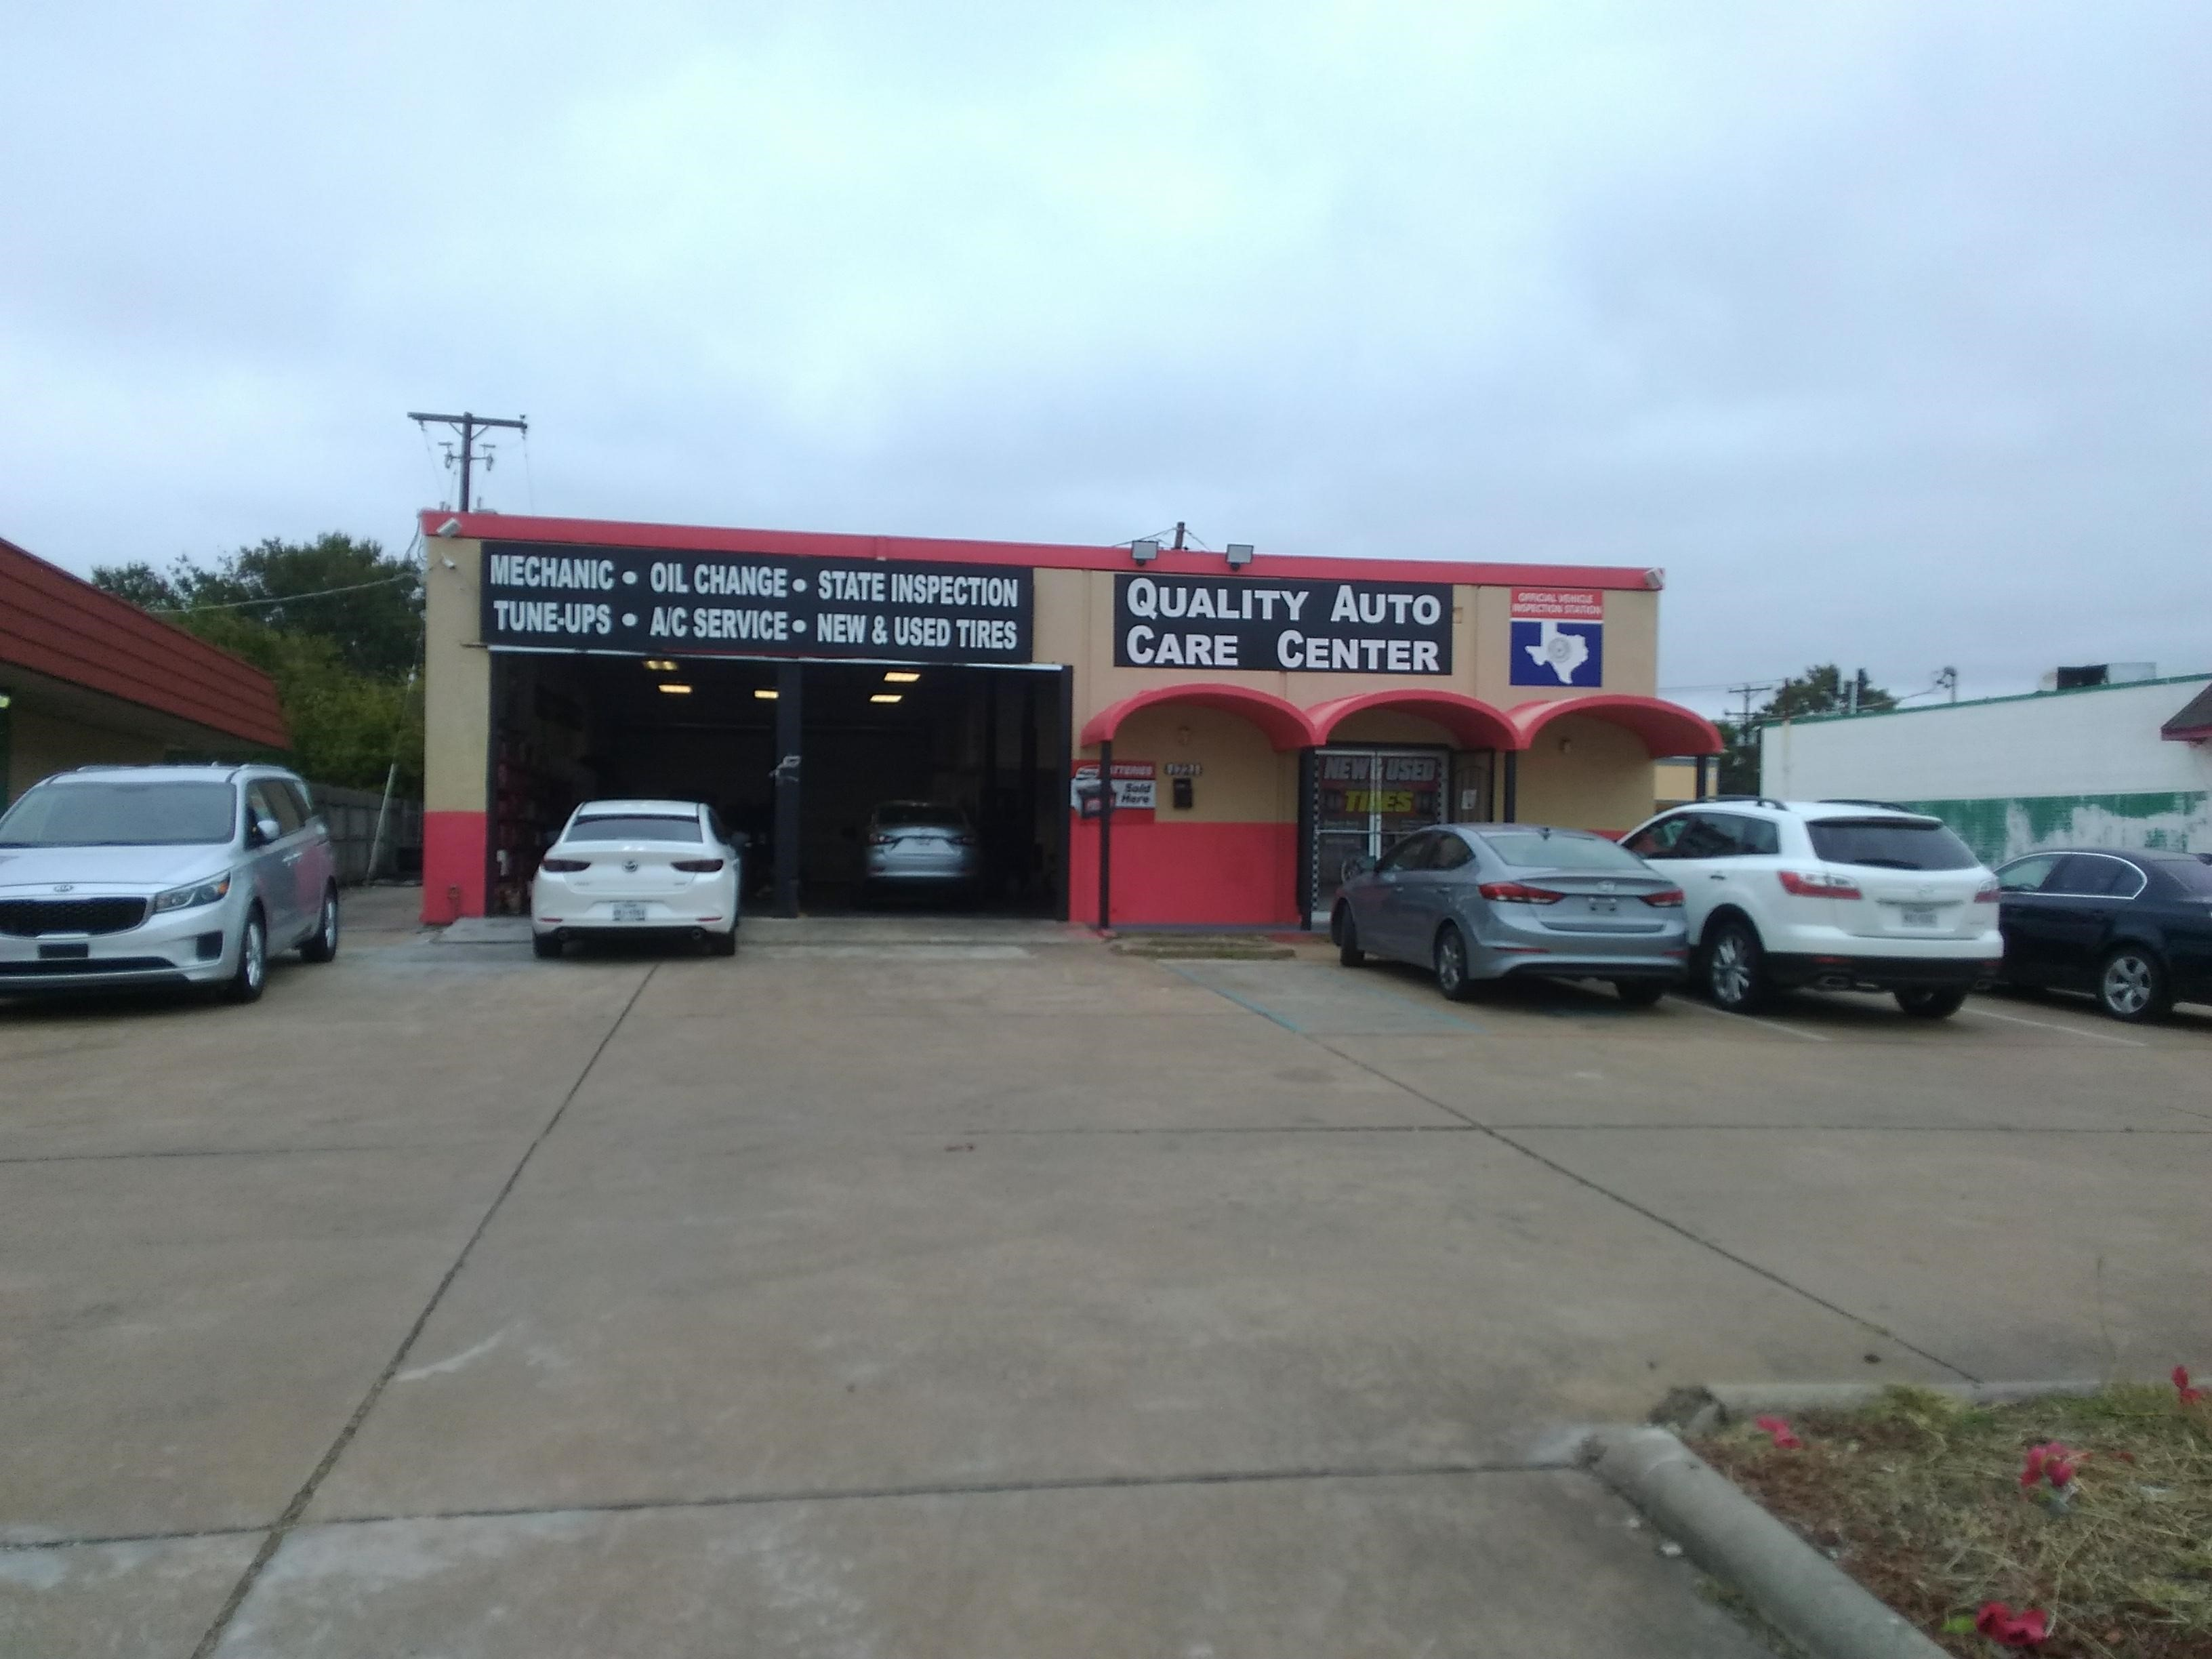 Quality Auto Care Center